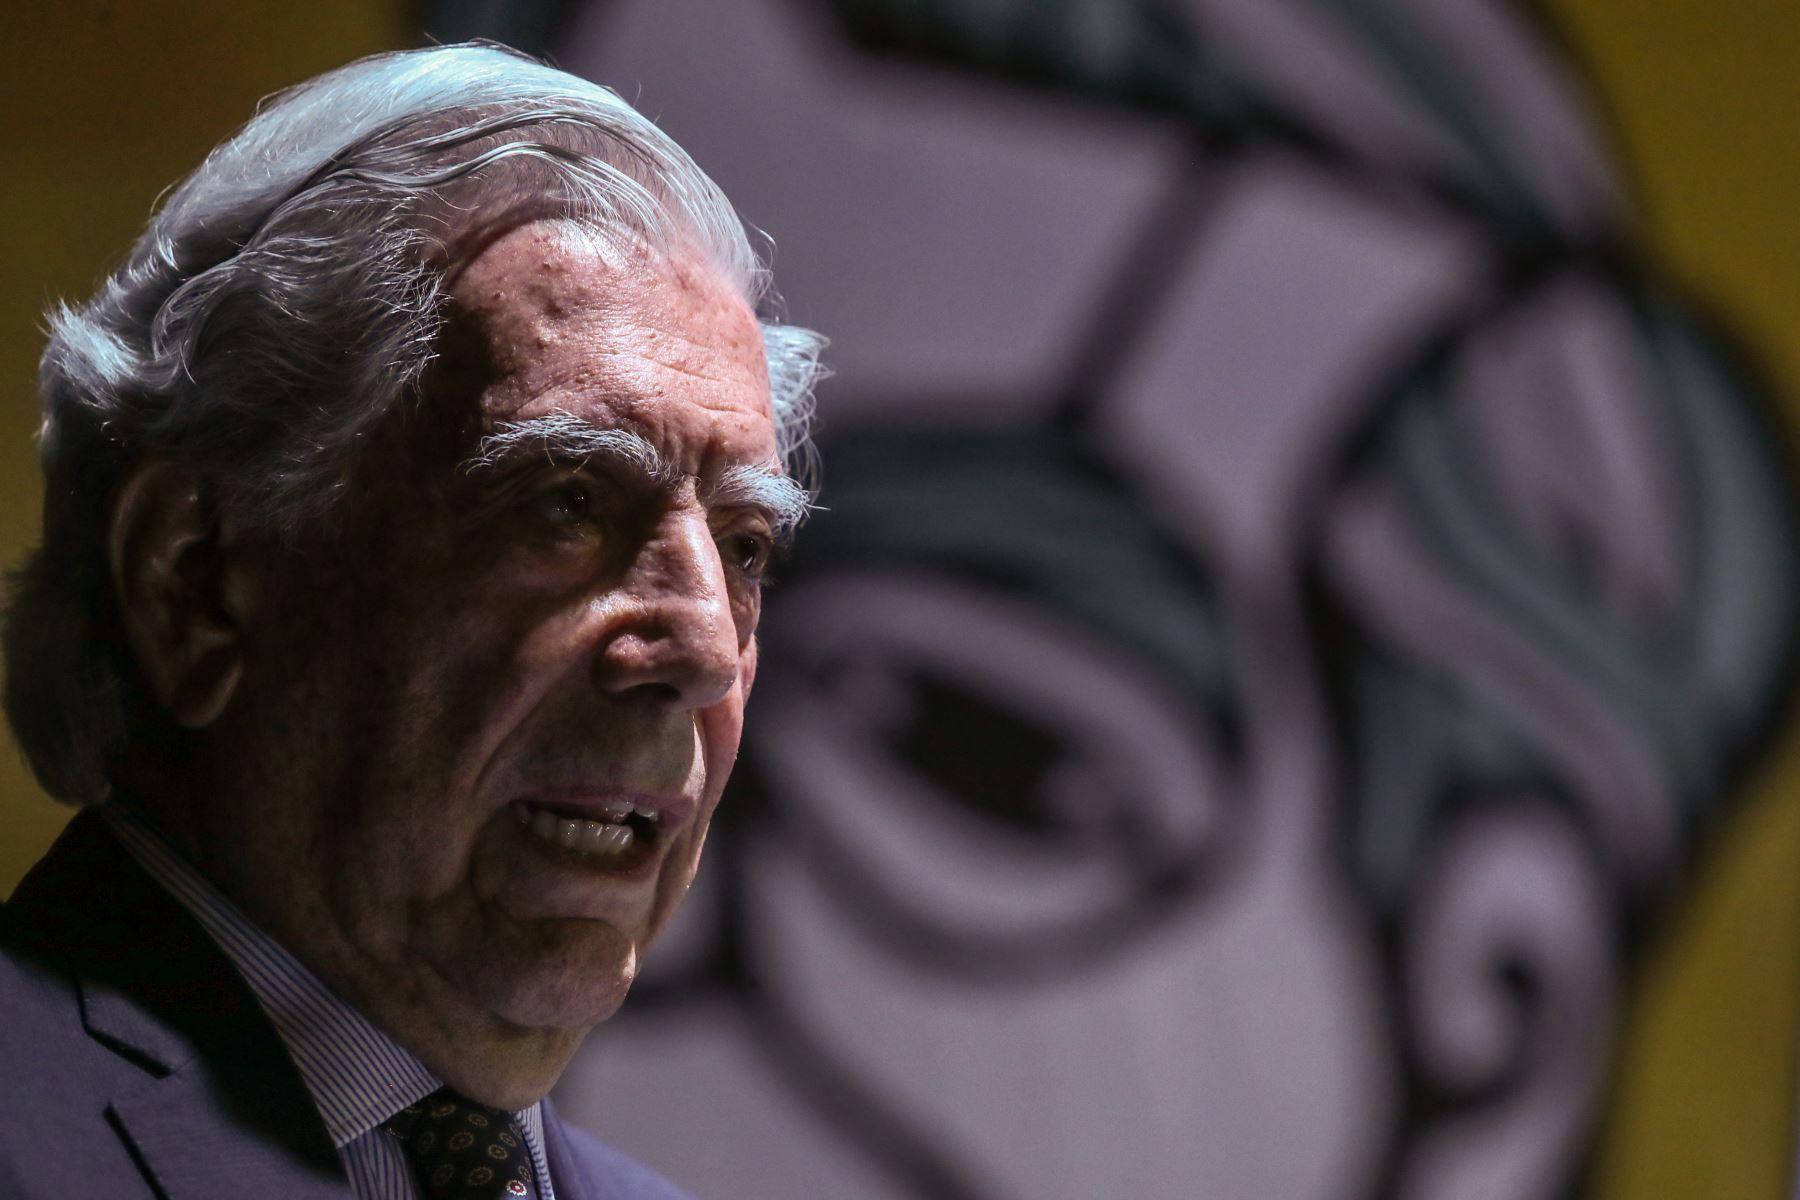 Mario Vargas Llosa, premio Nobel de Literatura, participo en la ceremonia de inauguración de la 24ª Feria Internacional del Libro de Lima.FotoANDINA/Prensa Presidencia